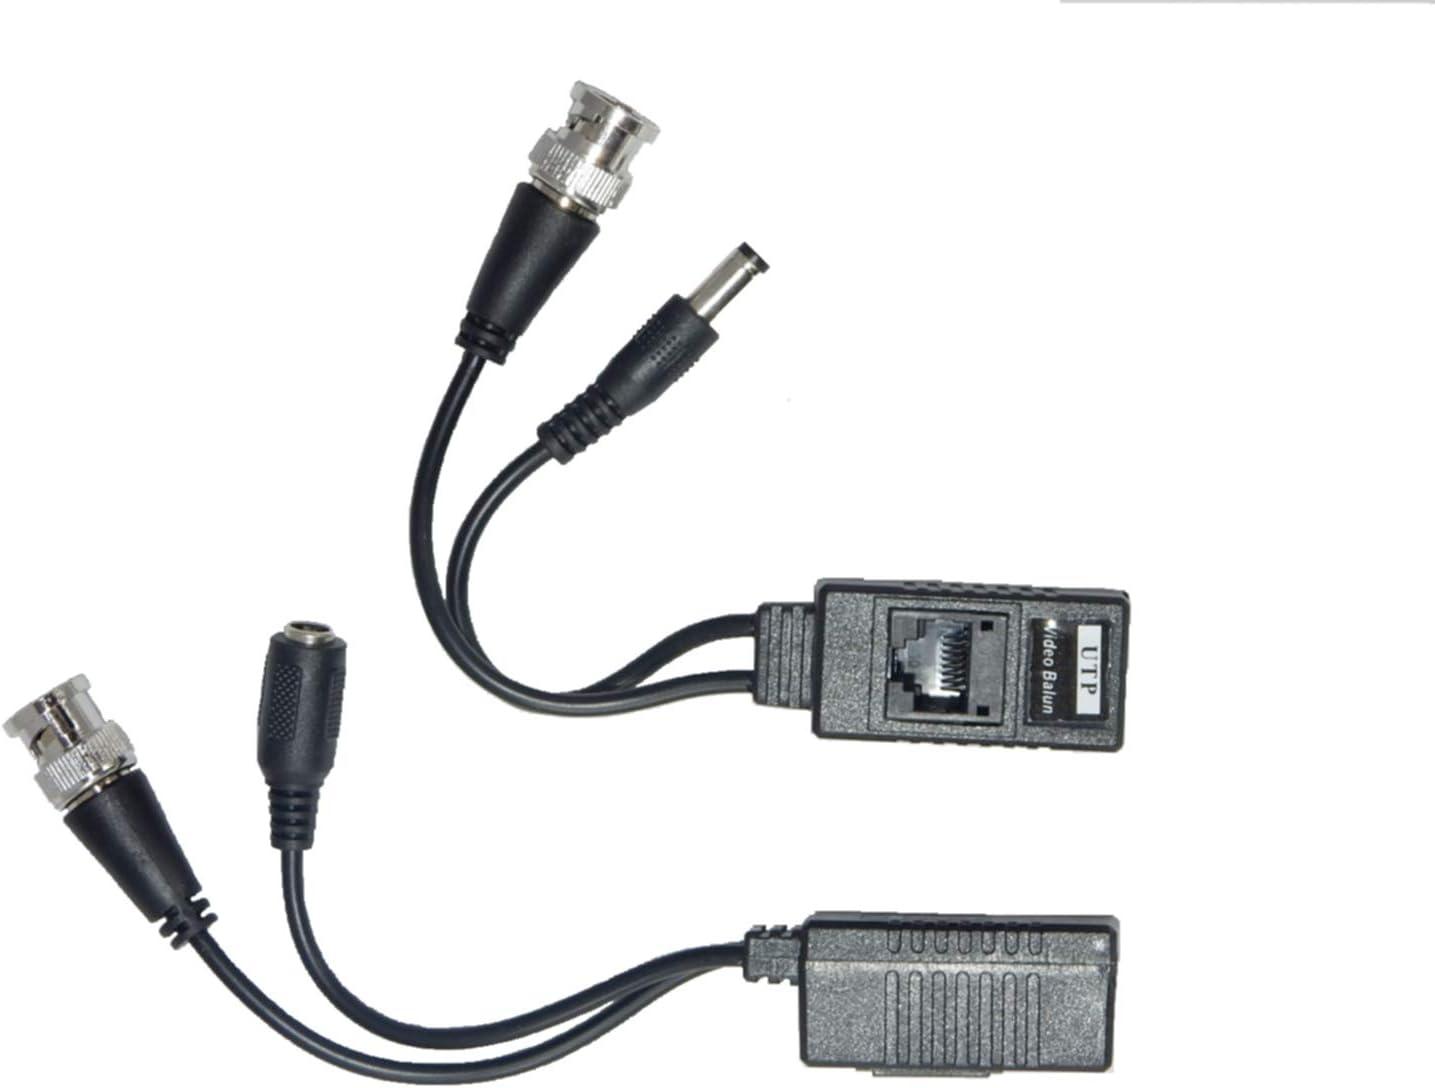 CCTV - Balun de vídeo con Conector BNC coaxial a Conector RJ45: Amazon.es: Electrónica